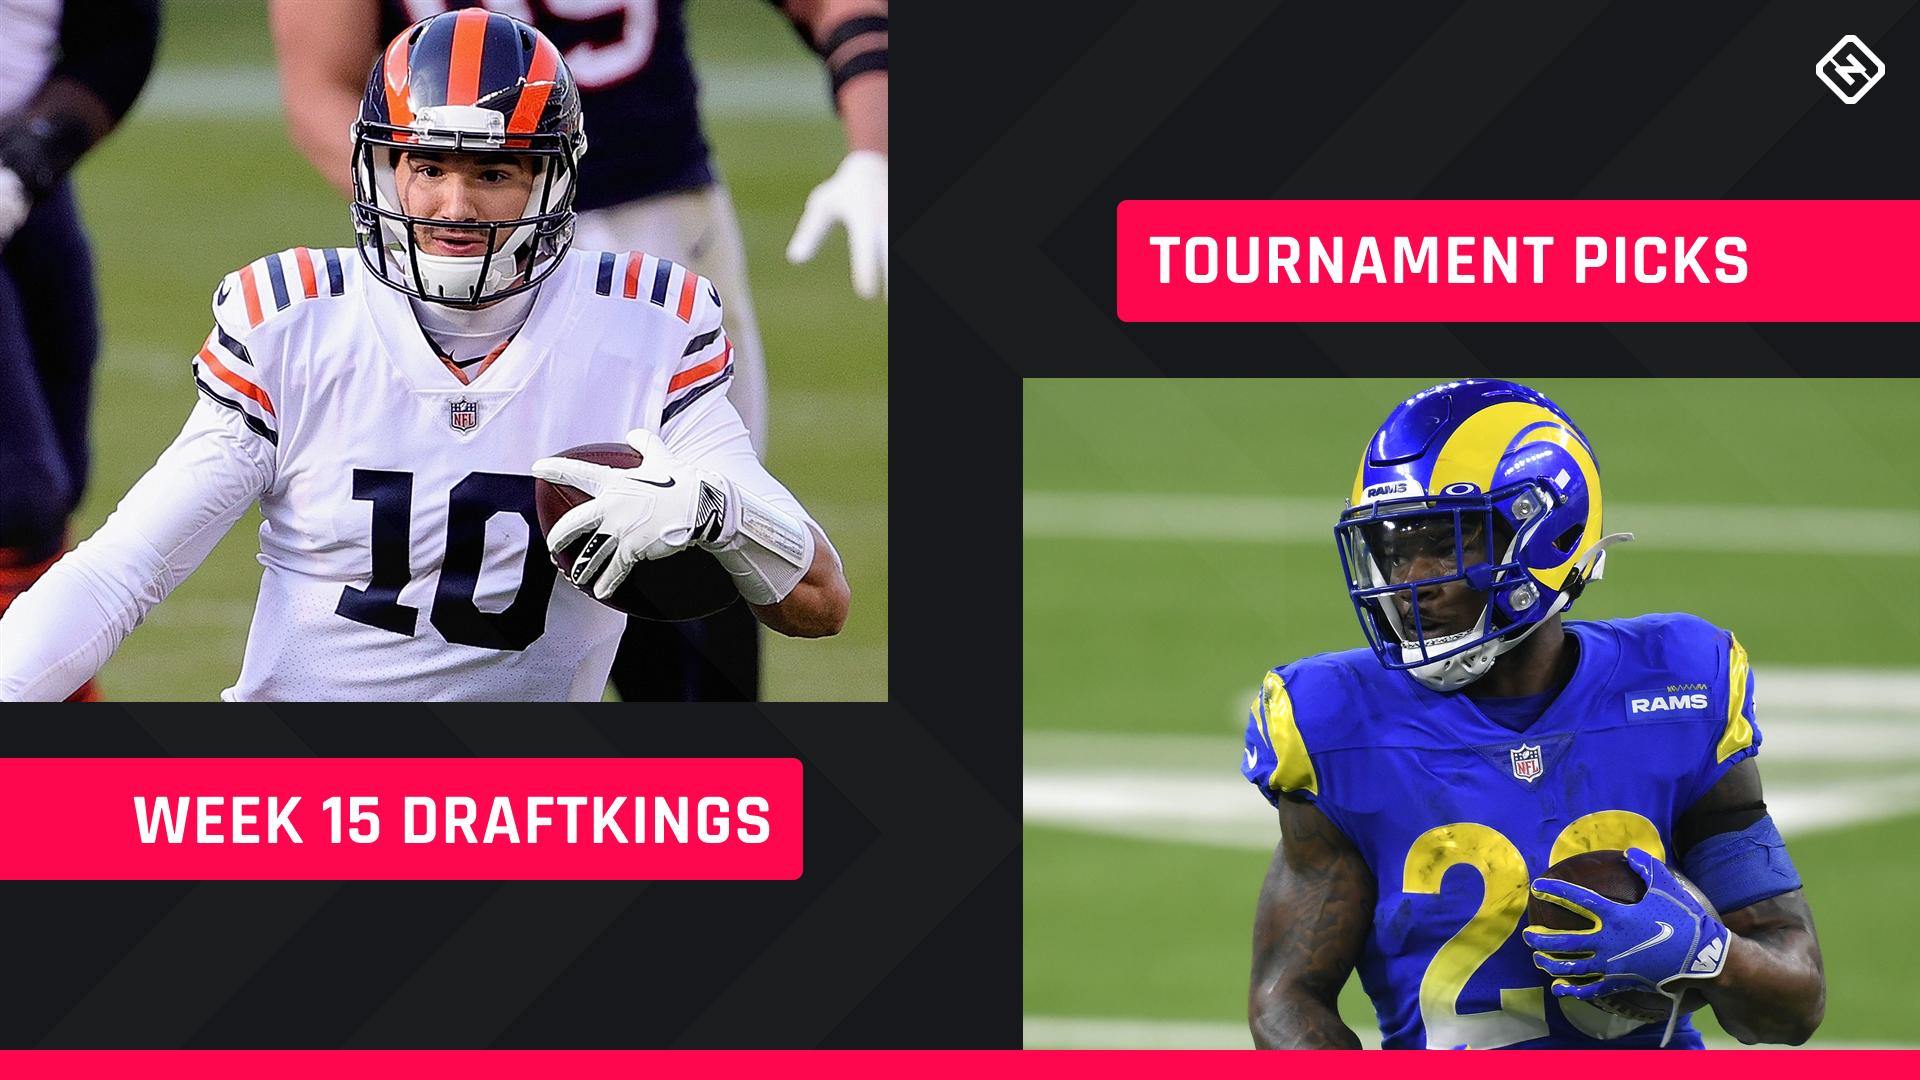 DraftKings Picks Semana 15: Conselhos sobre a escalação NFL DFS para torneios diários de fantasy football